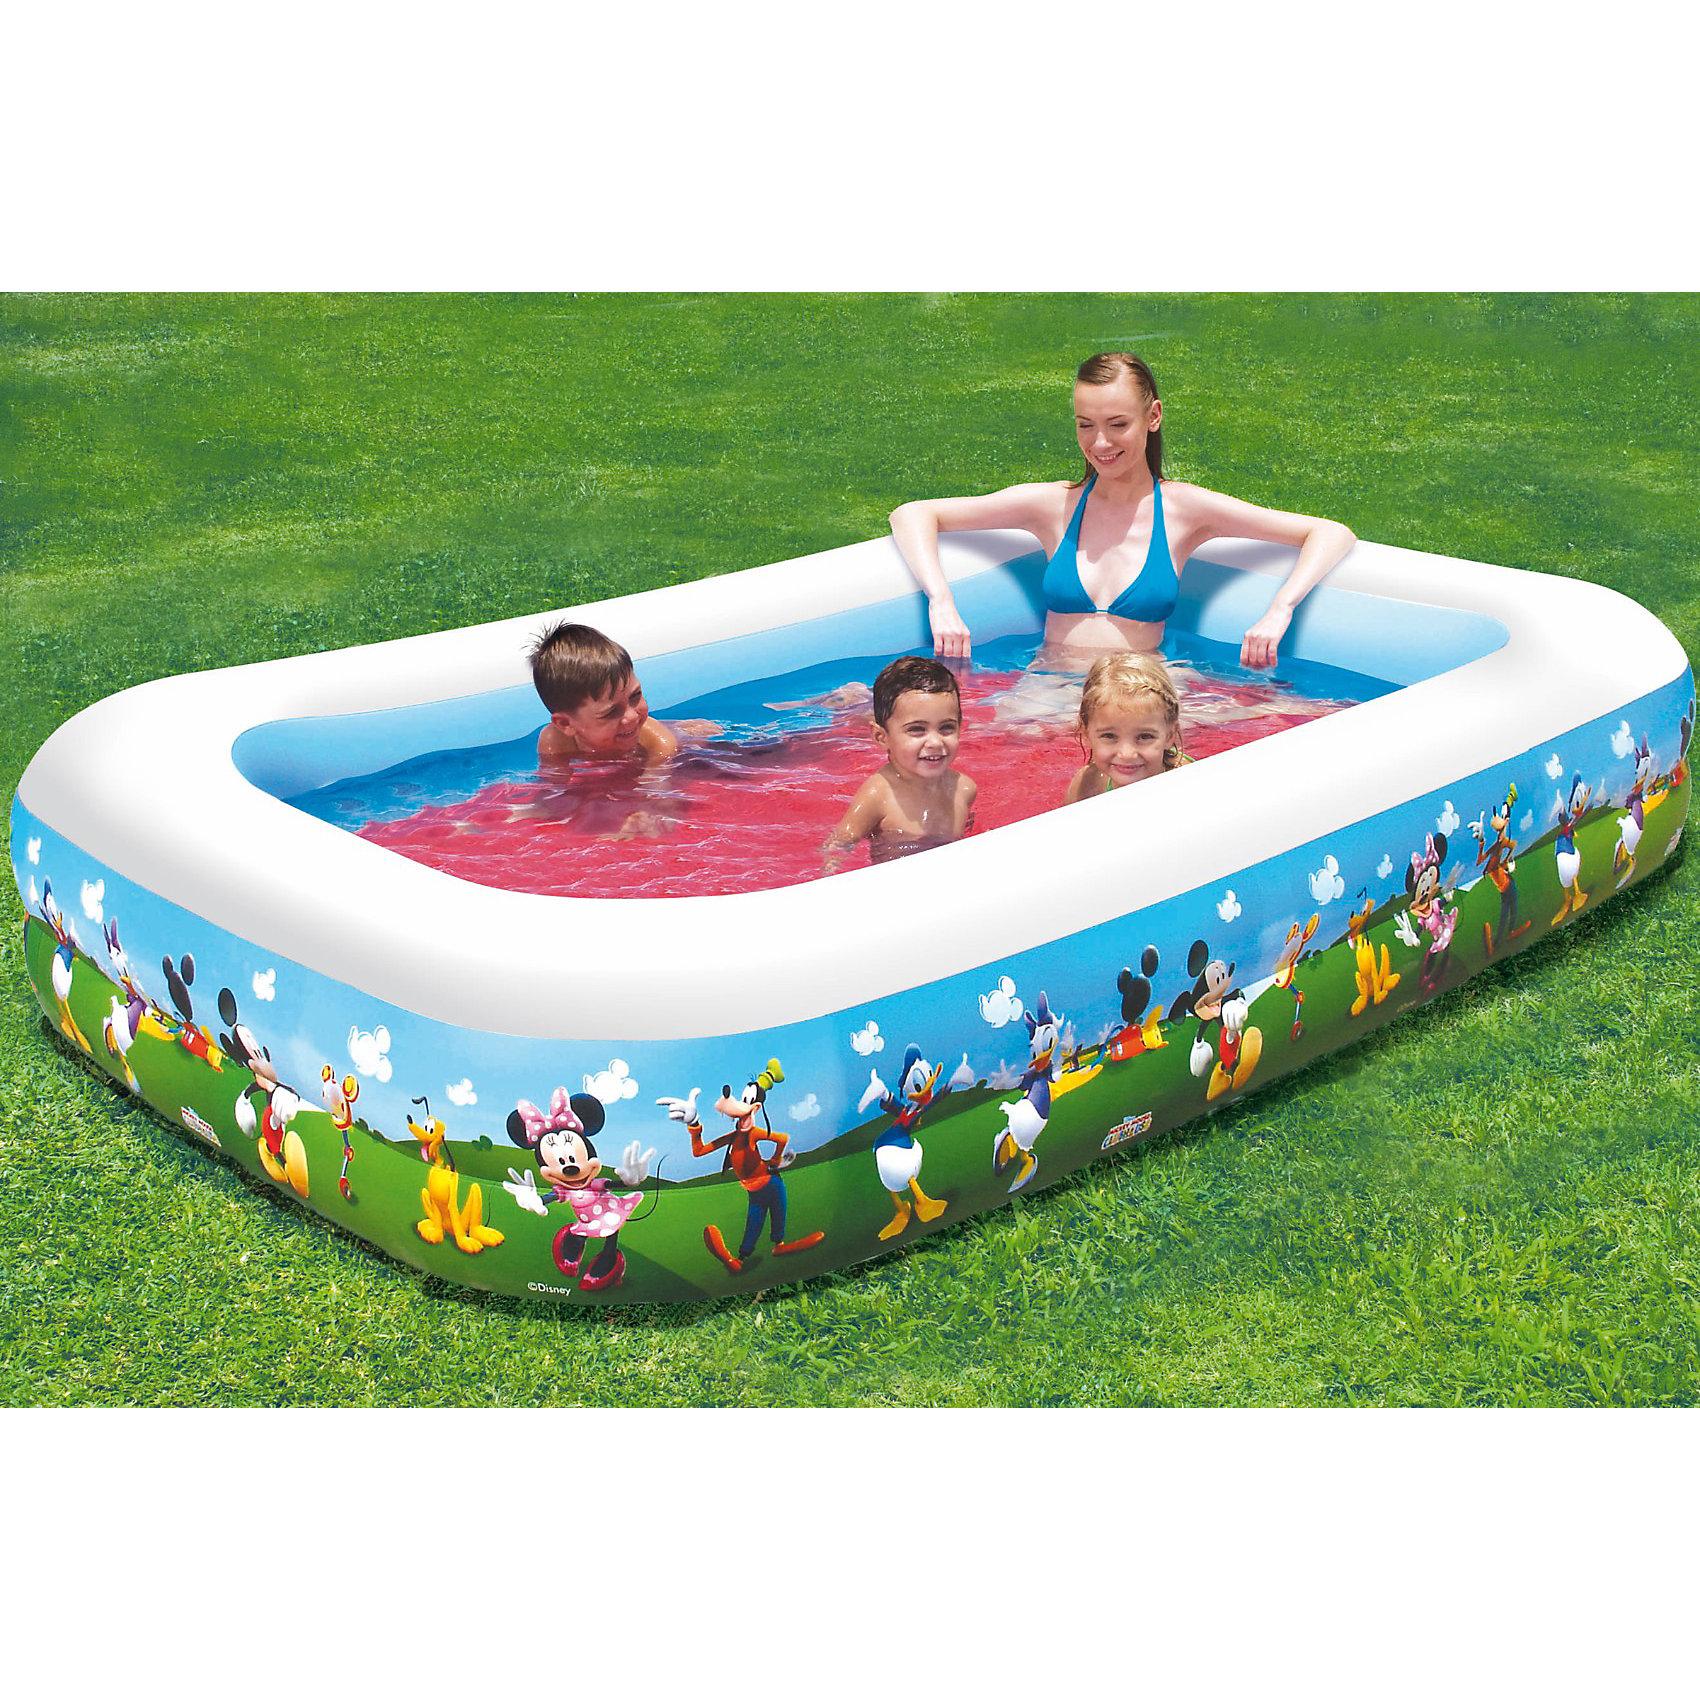 Bestway Надувной бассейн Семейный, 91008 Bestway, Микки Маус и друзья